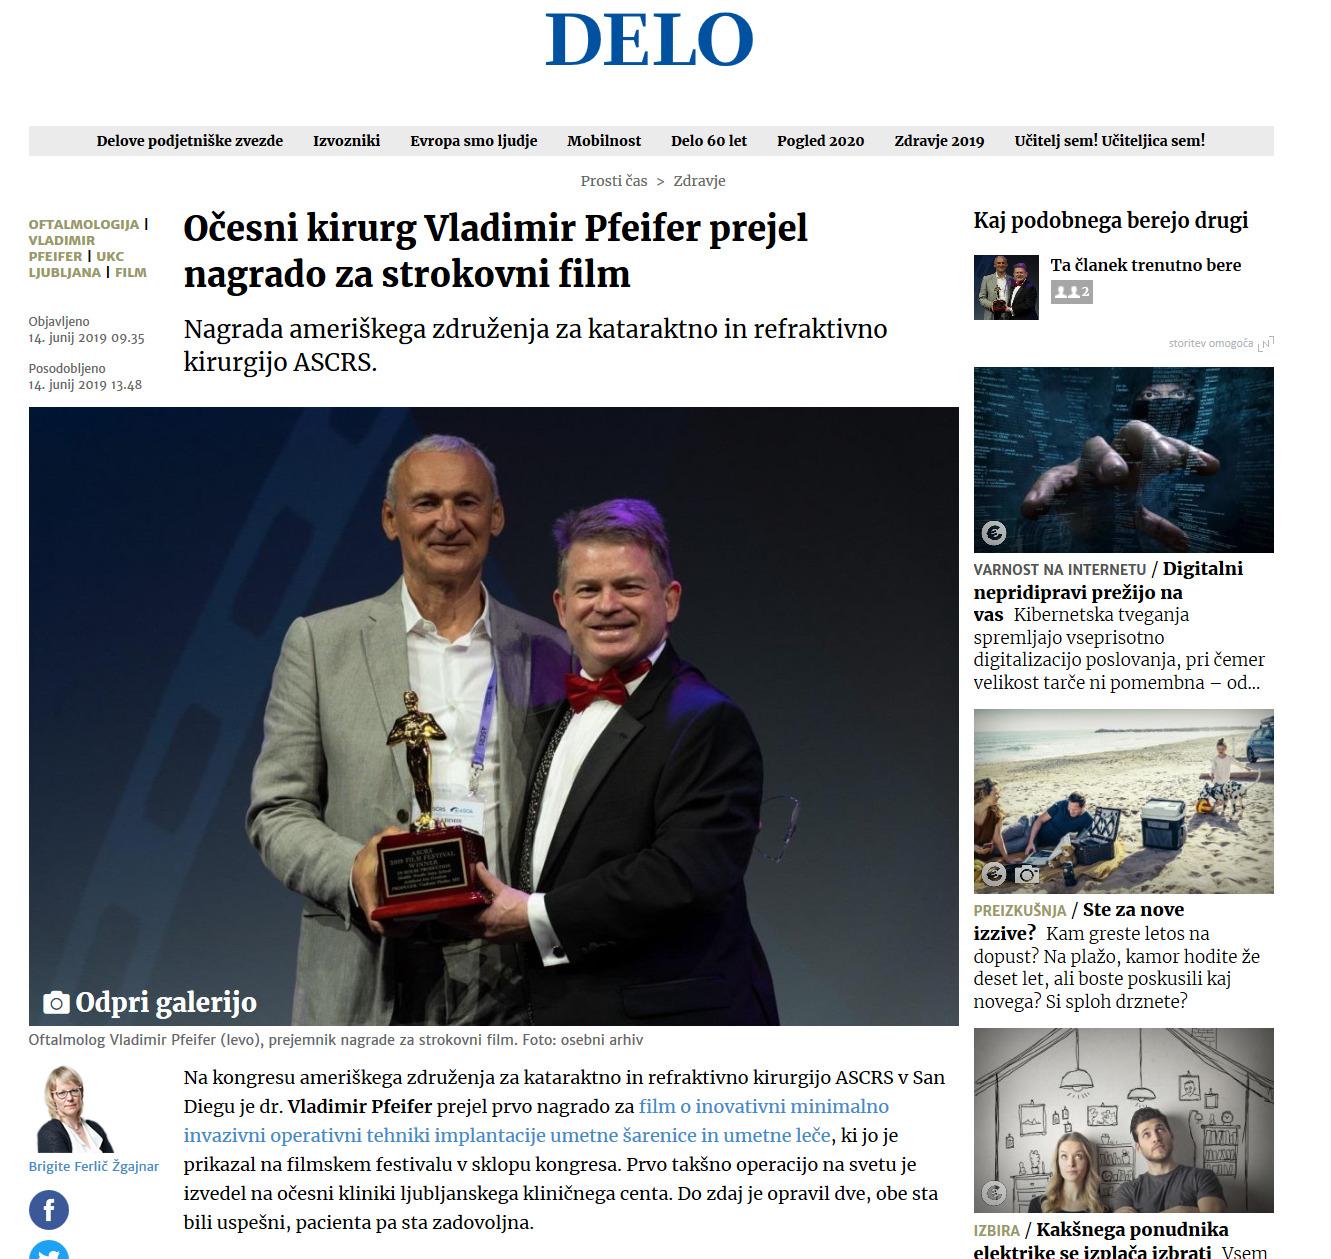 Delo - Očesni kirurg Vladimir Pfeifer prejel nagrado za strokovni film - junij 2019